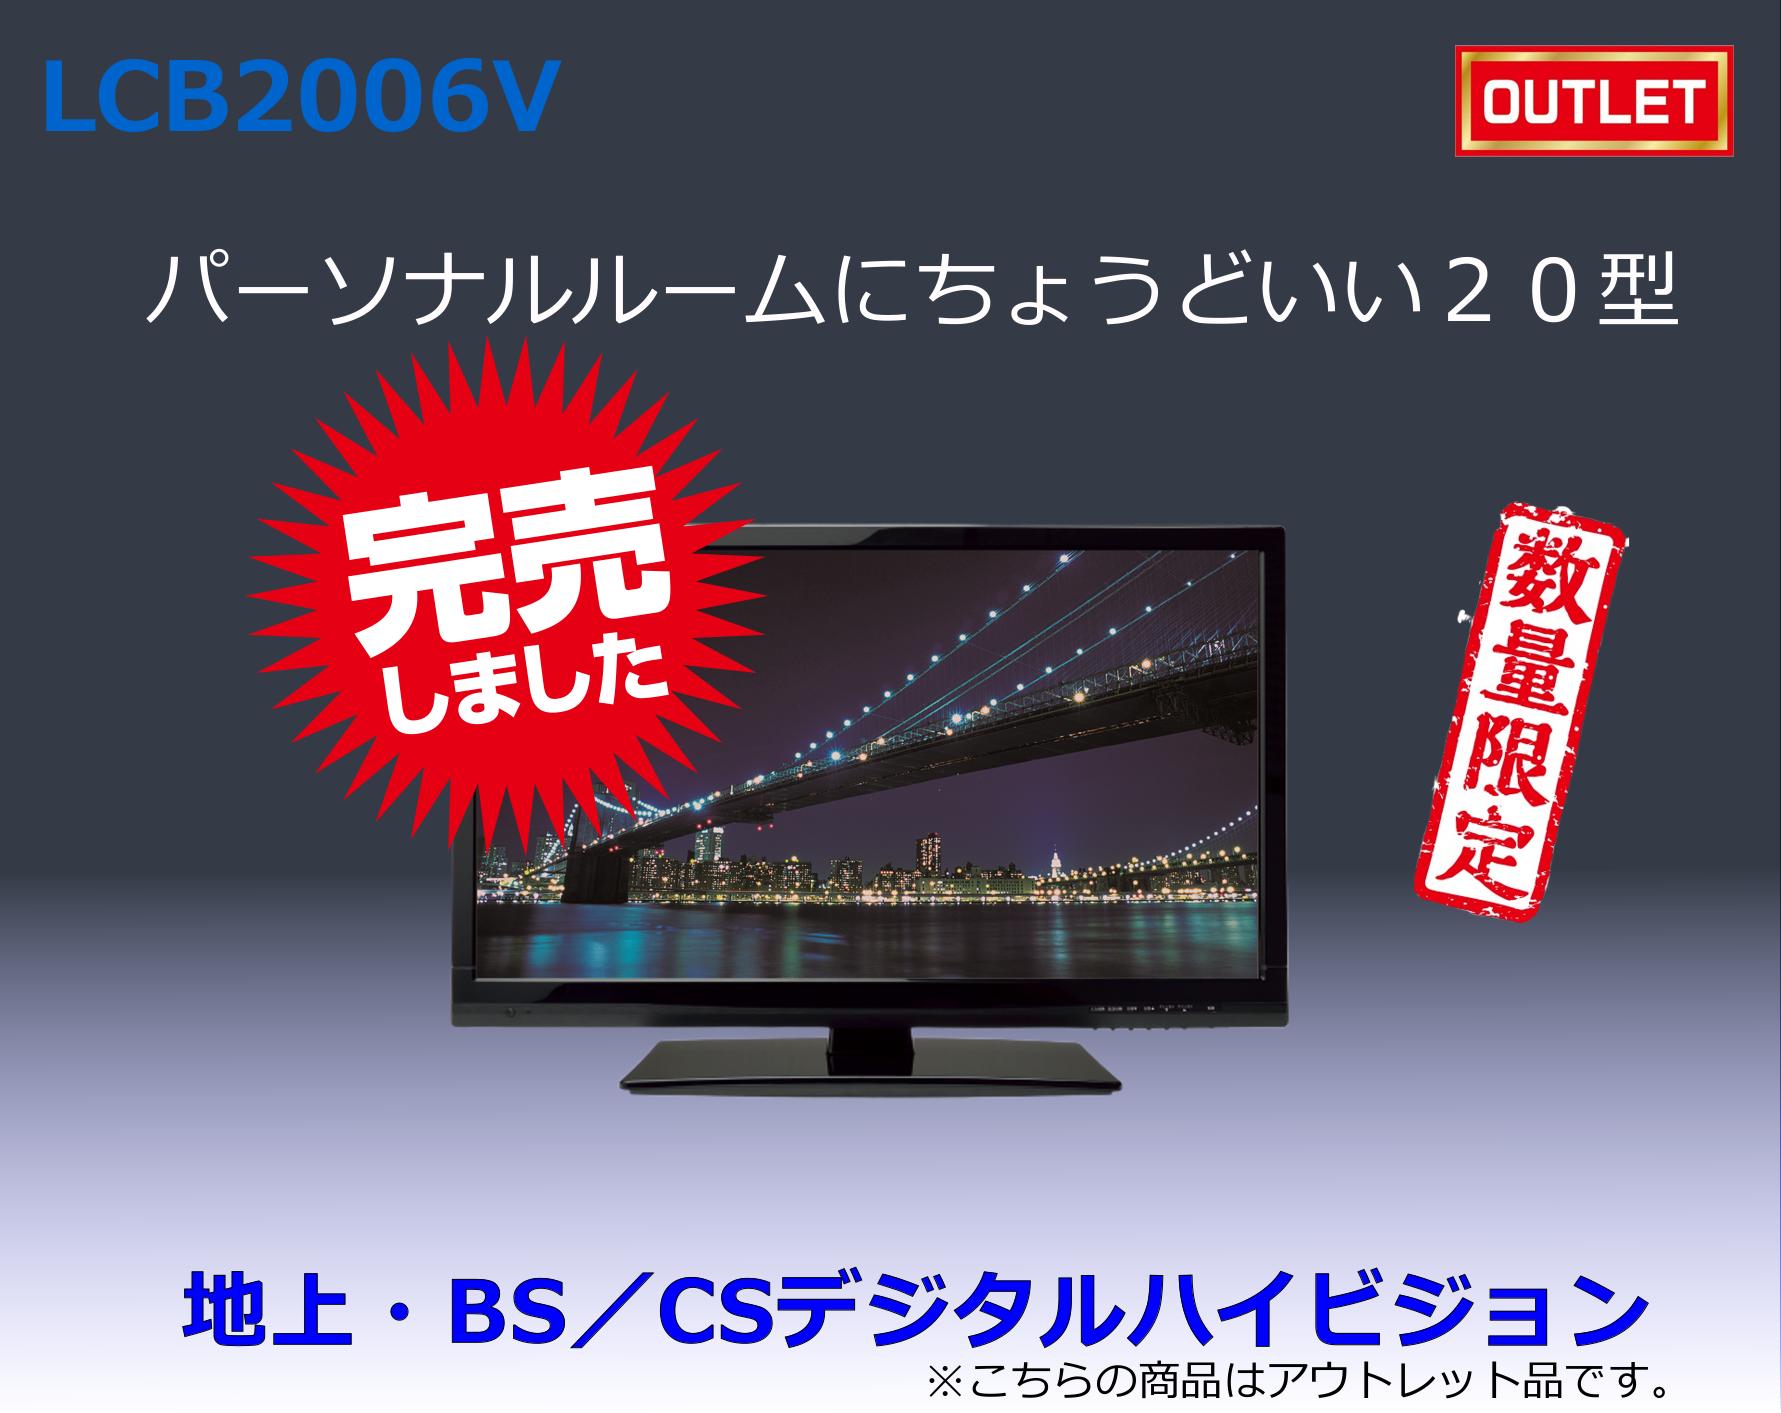 ハイビジョン液晶テレビ LCB2006V(20V型)画像